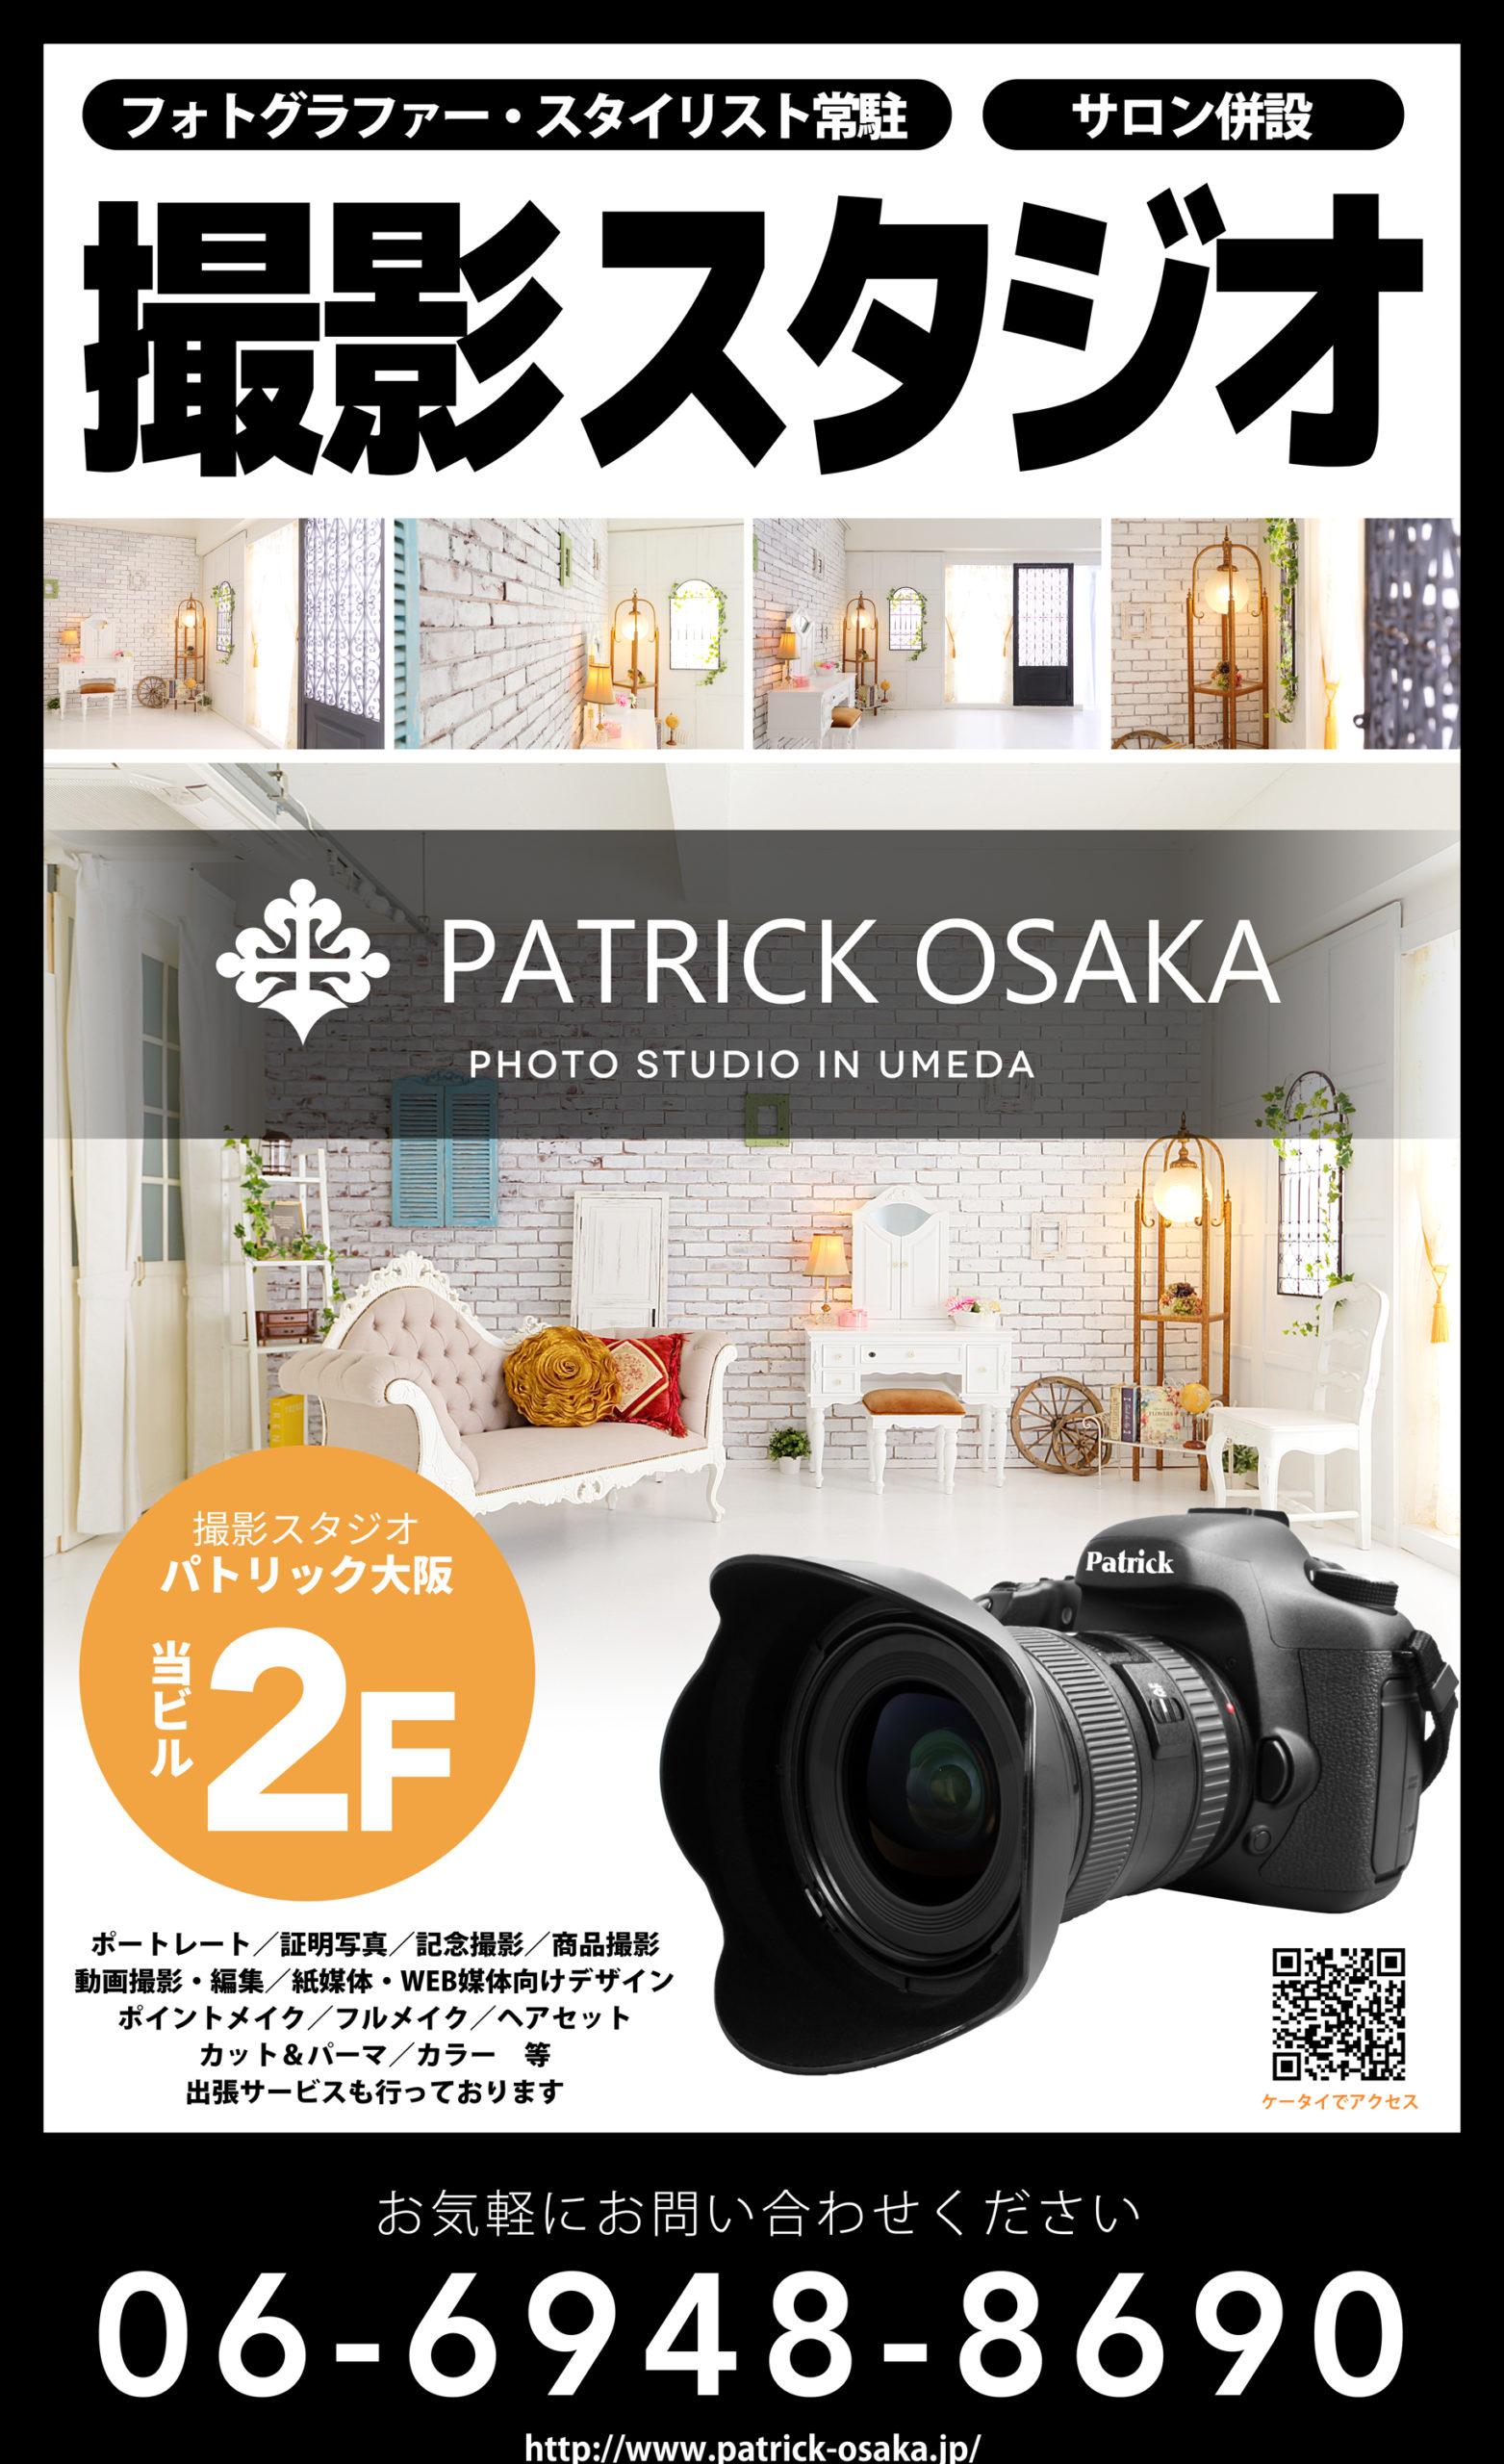 ヘアメイク&フォトスタジオPatrick-osaka(パトリック大阪)